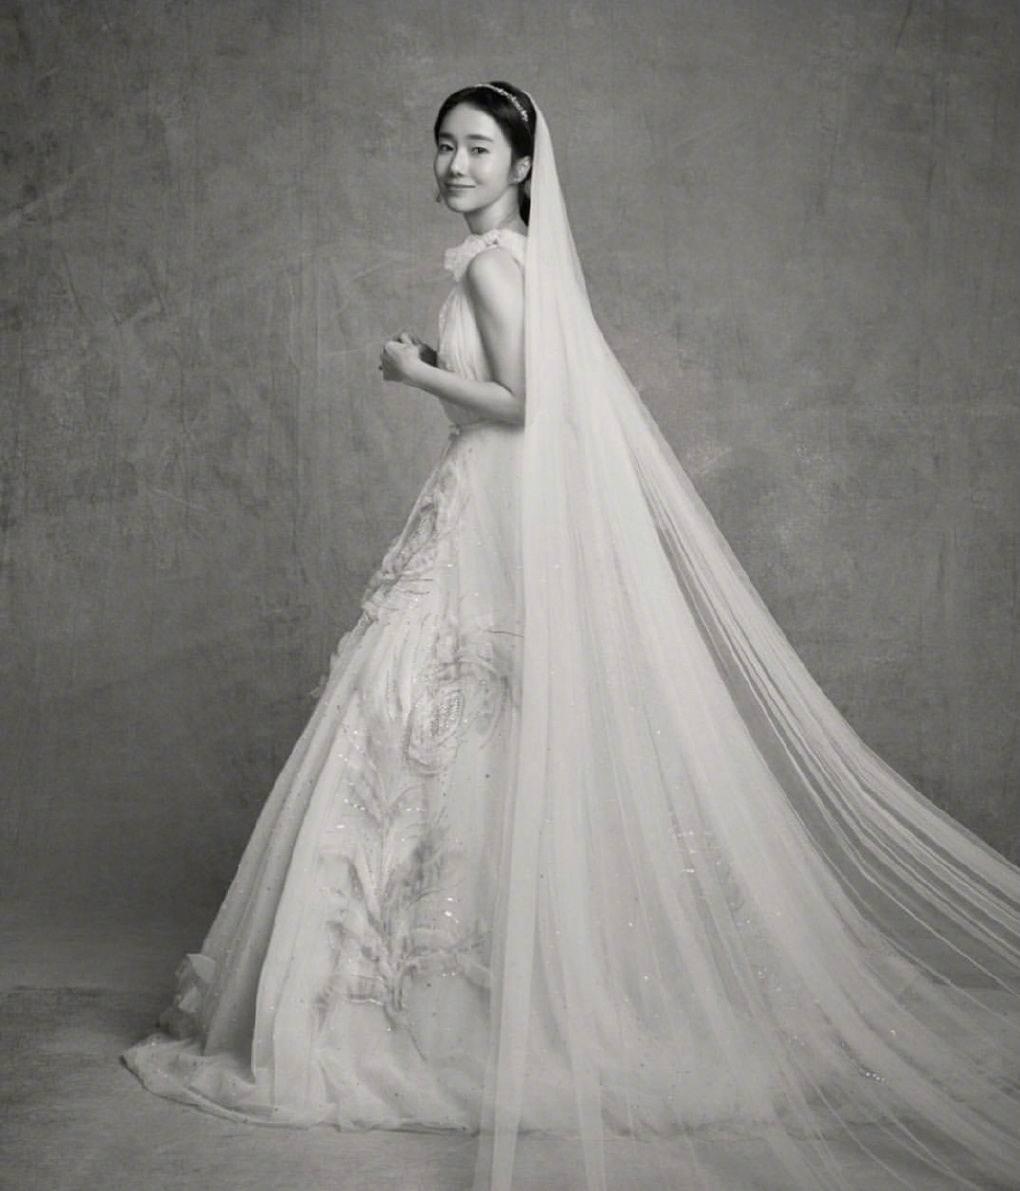 李贞贤晒出两张婚纱照,表示自己今天结婚心里十分紧张